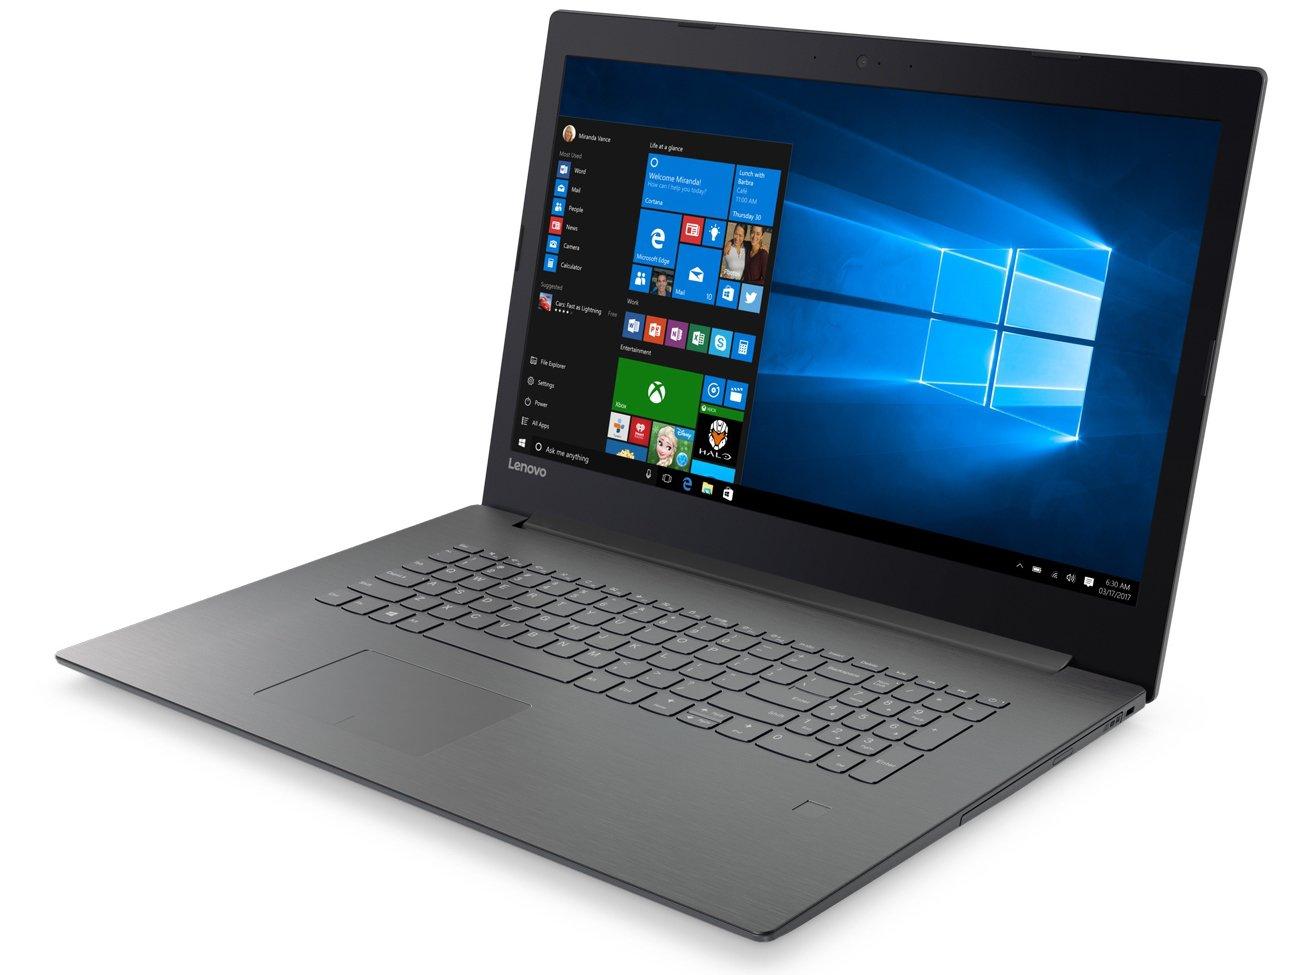 Courte critique du PC portable Lenovo V320-17IKB (7200U ...